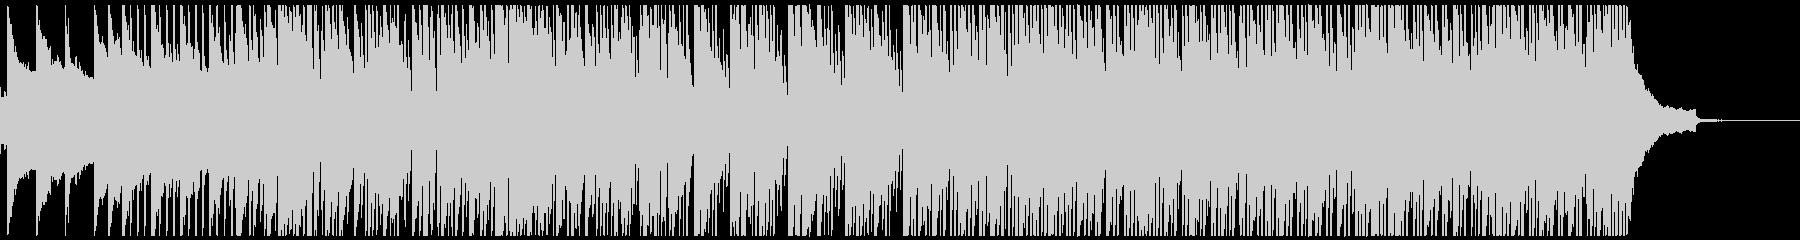 アコギとピアノの爽やかなBGMの未再生の波形